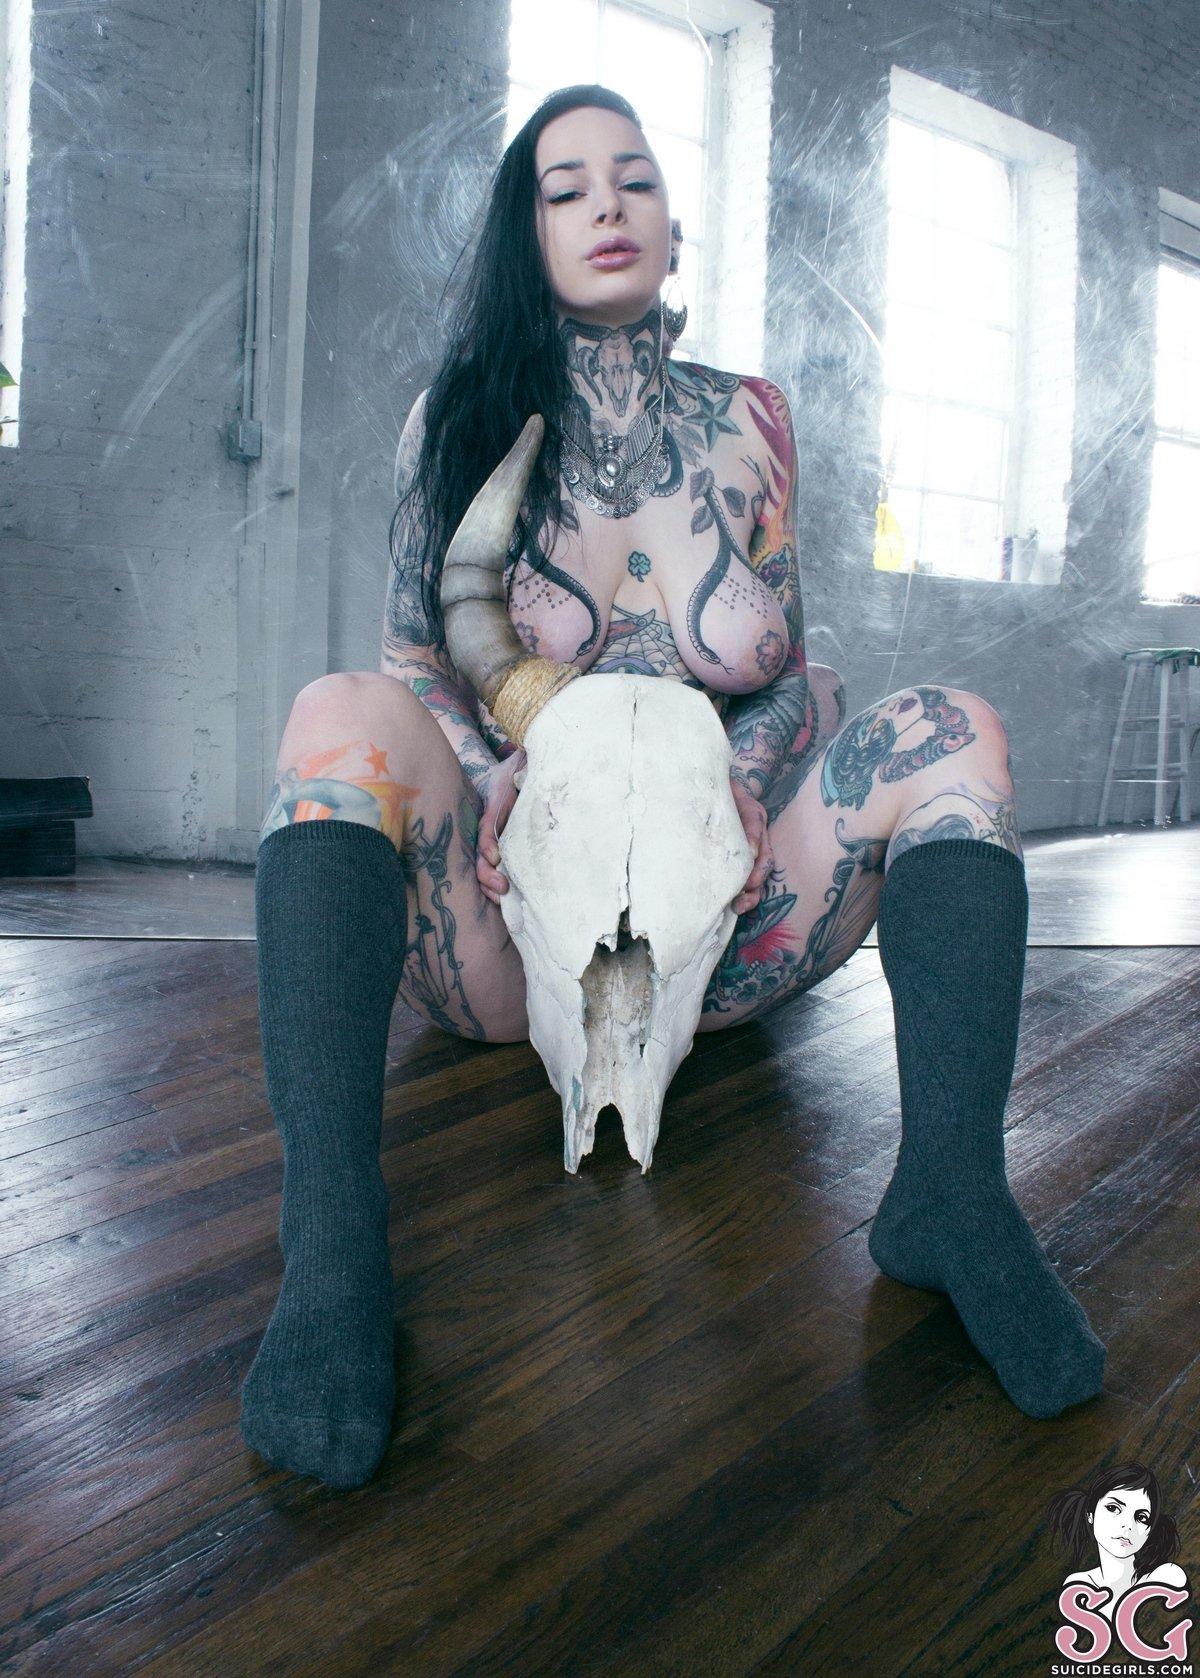 Шатенка в татуировках раздевается перед зеркалом